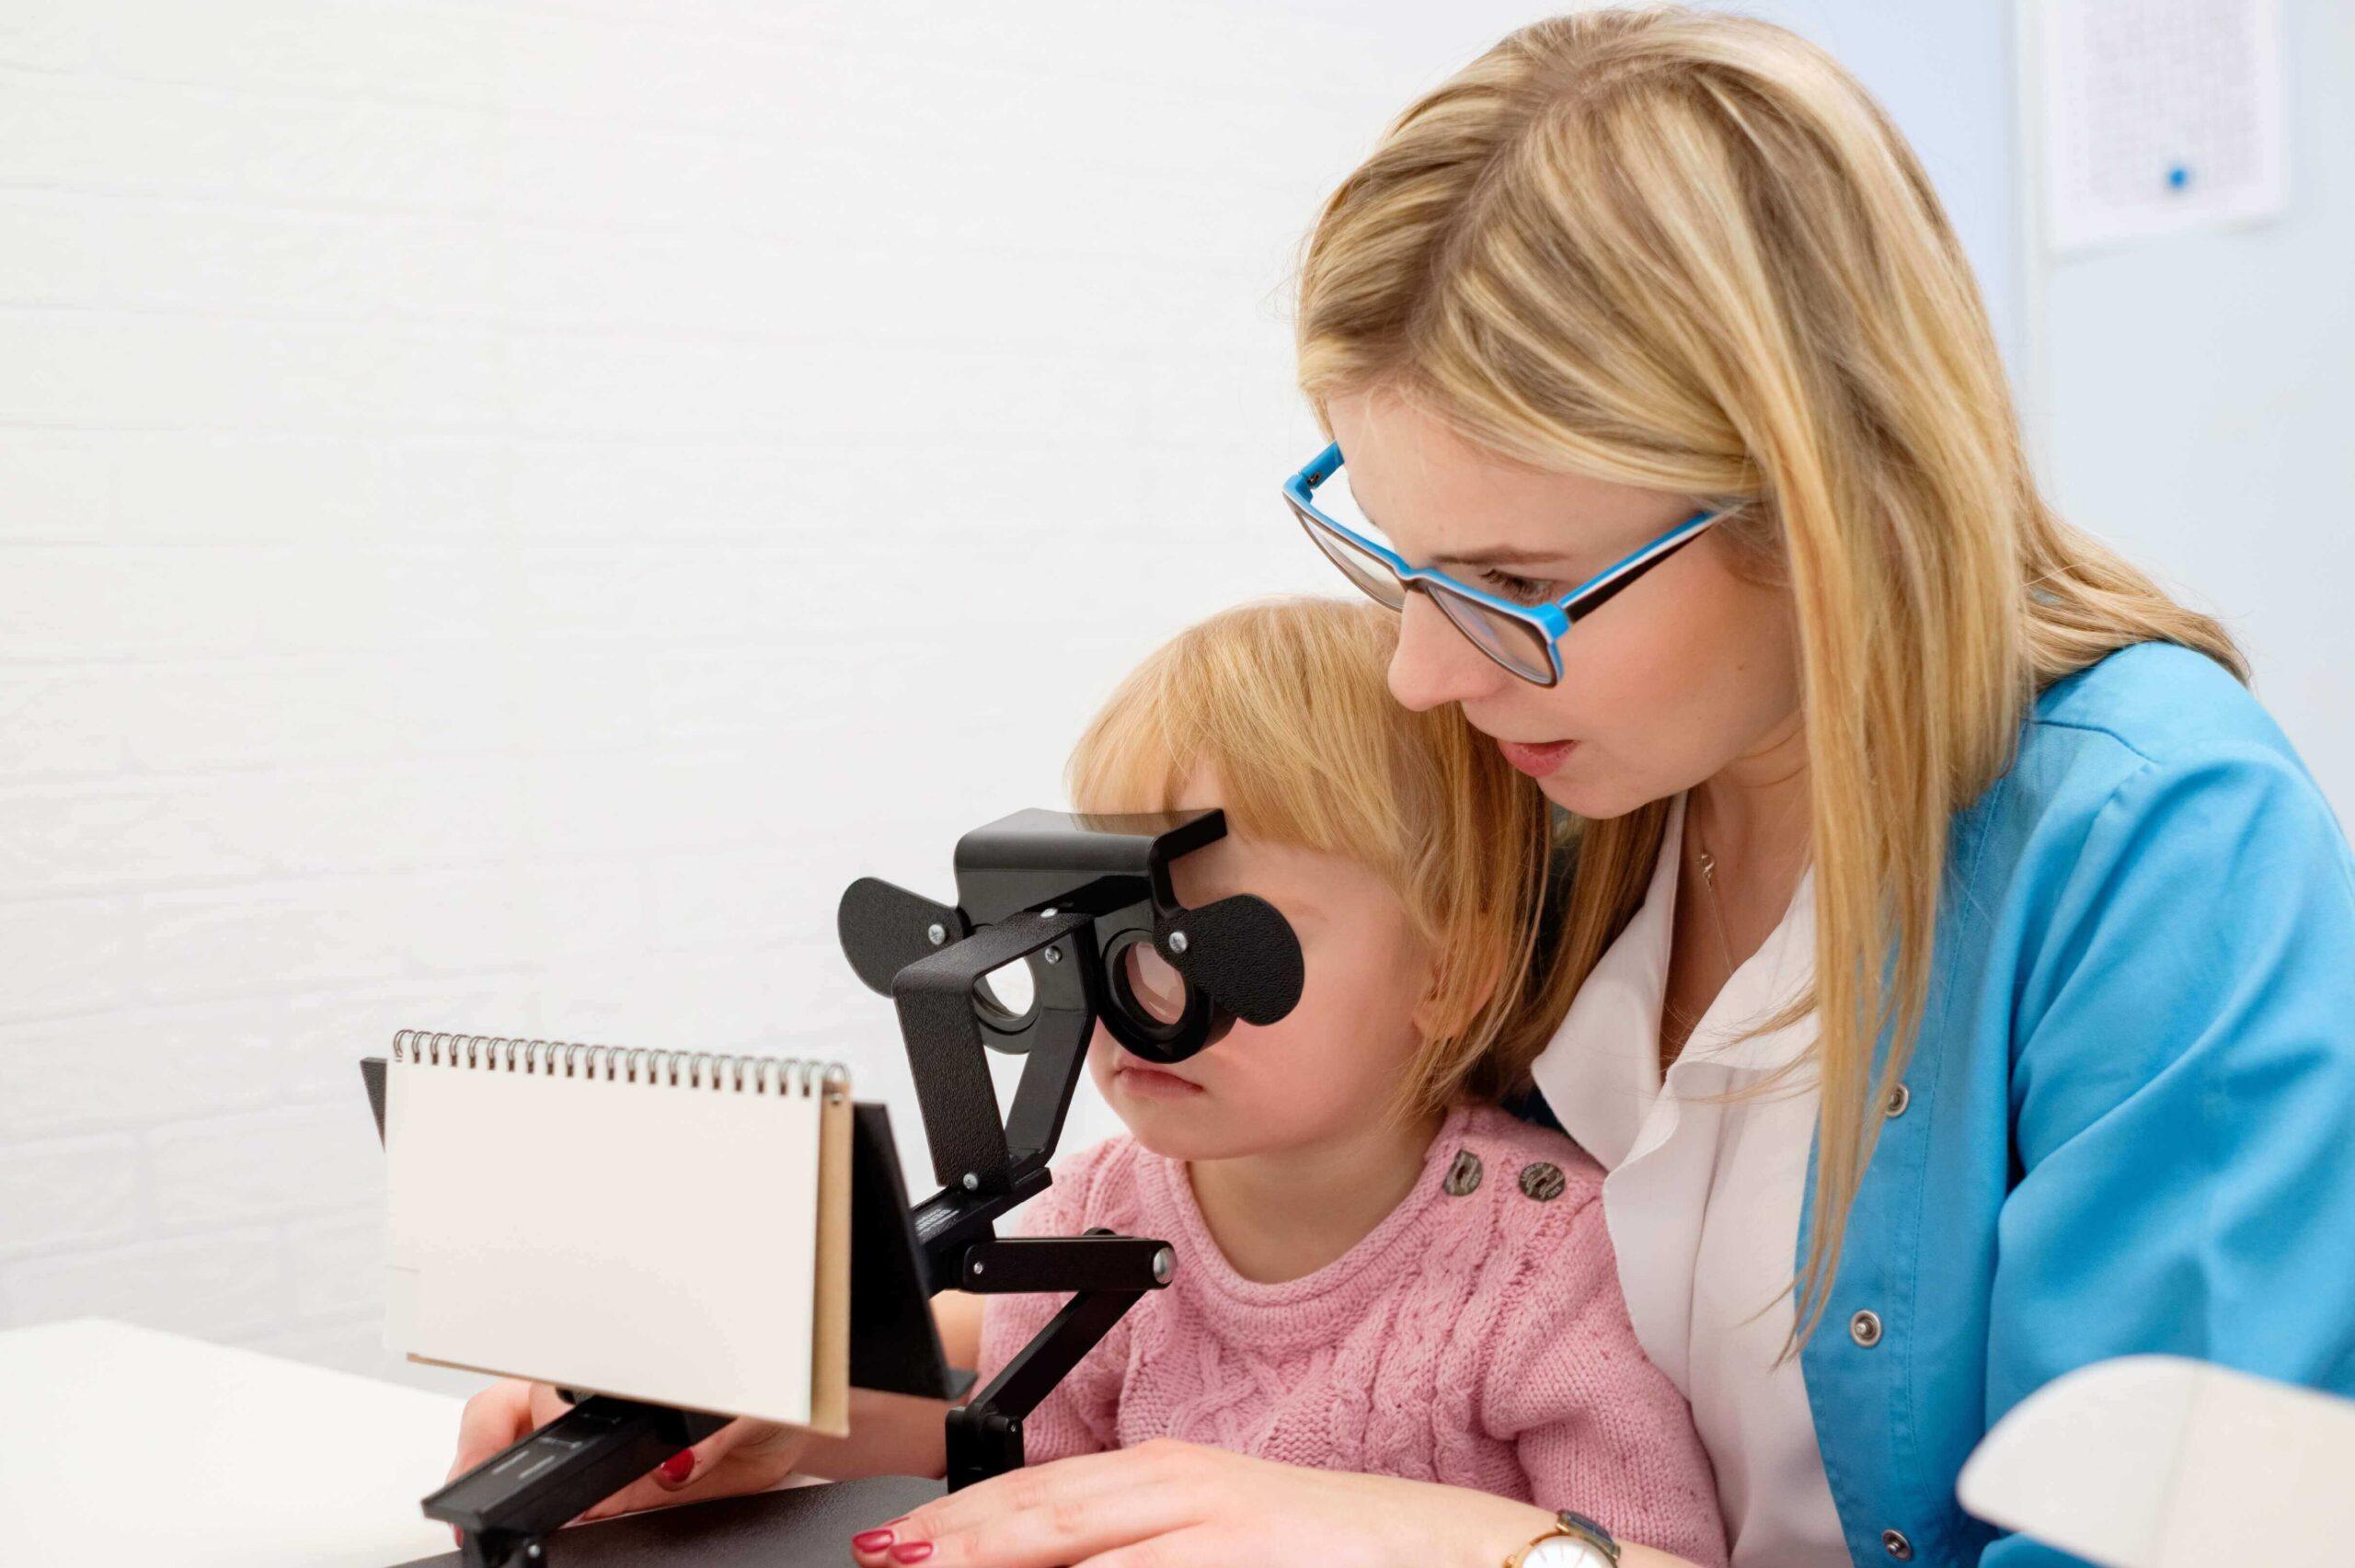 Badanie wzroku dzieci pod kątem dyslekcji. Profesjonalne badanie wzroku we Wrocławiu wykonywane przez optometrystę.